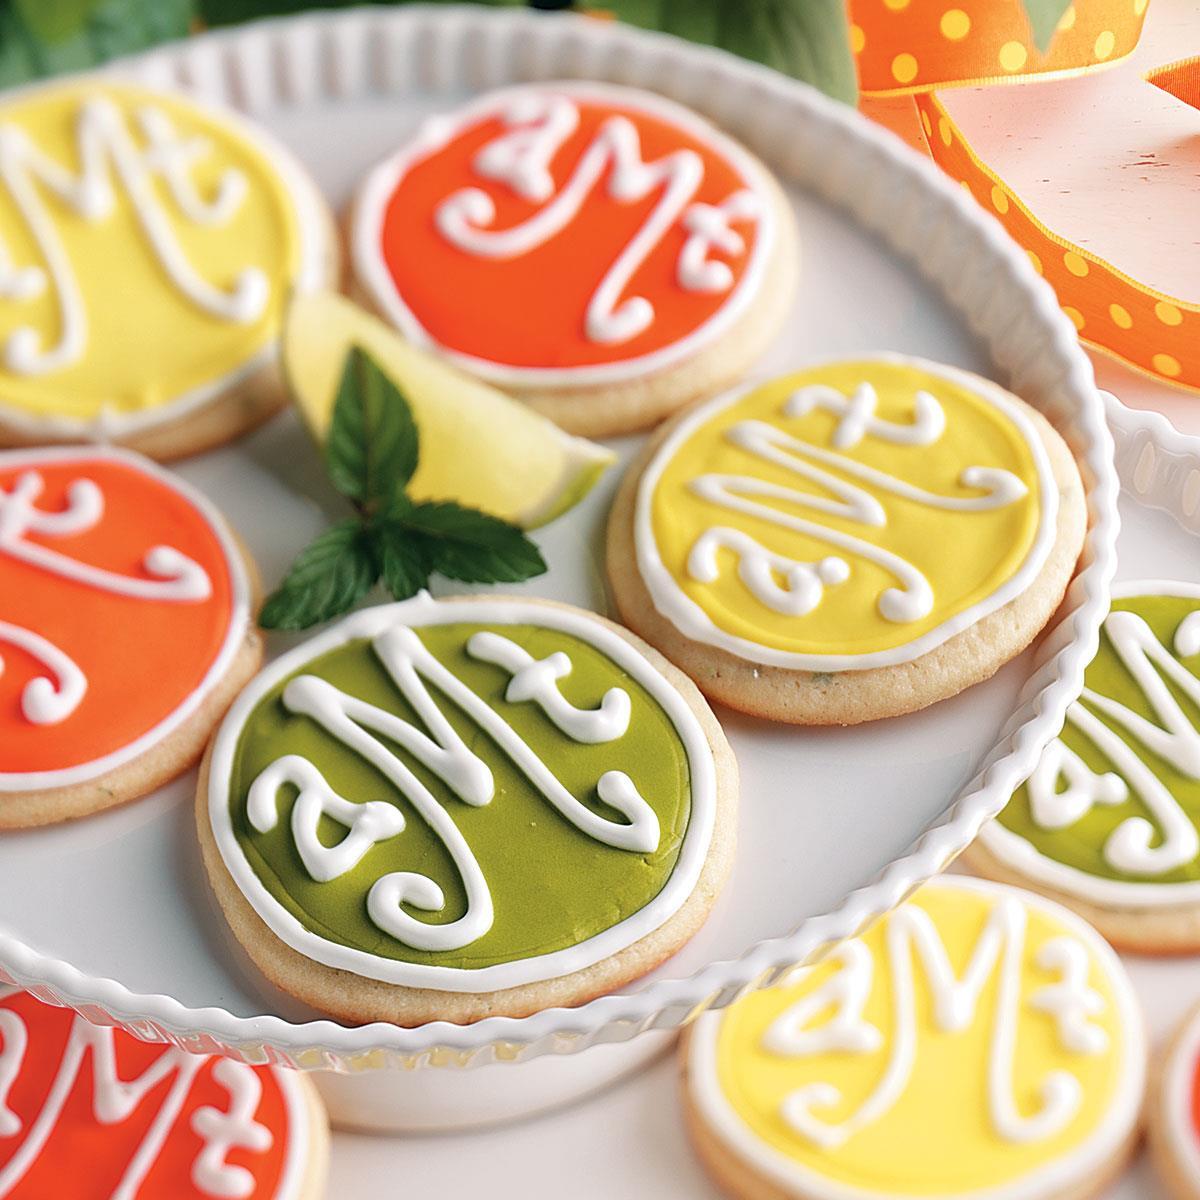 Monogrammed Cookies Recipe | Taste of Home